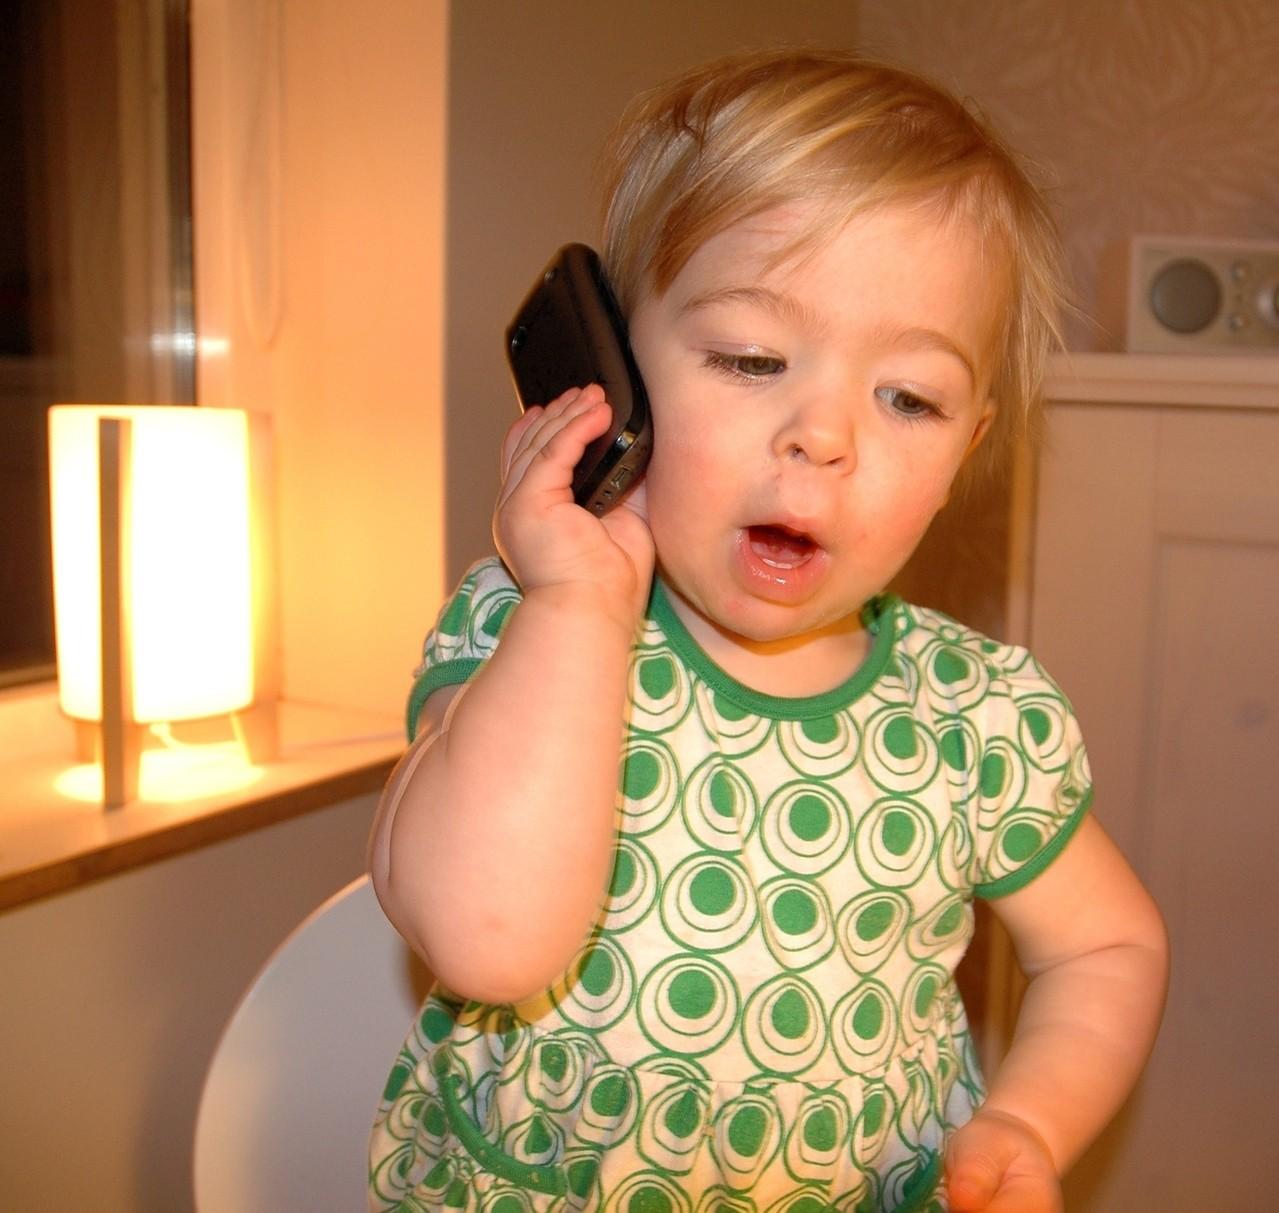 Smartfon dla dziecka – za i przeciw